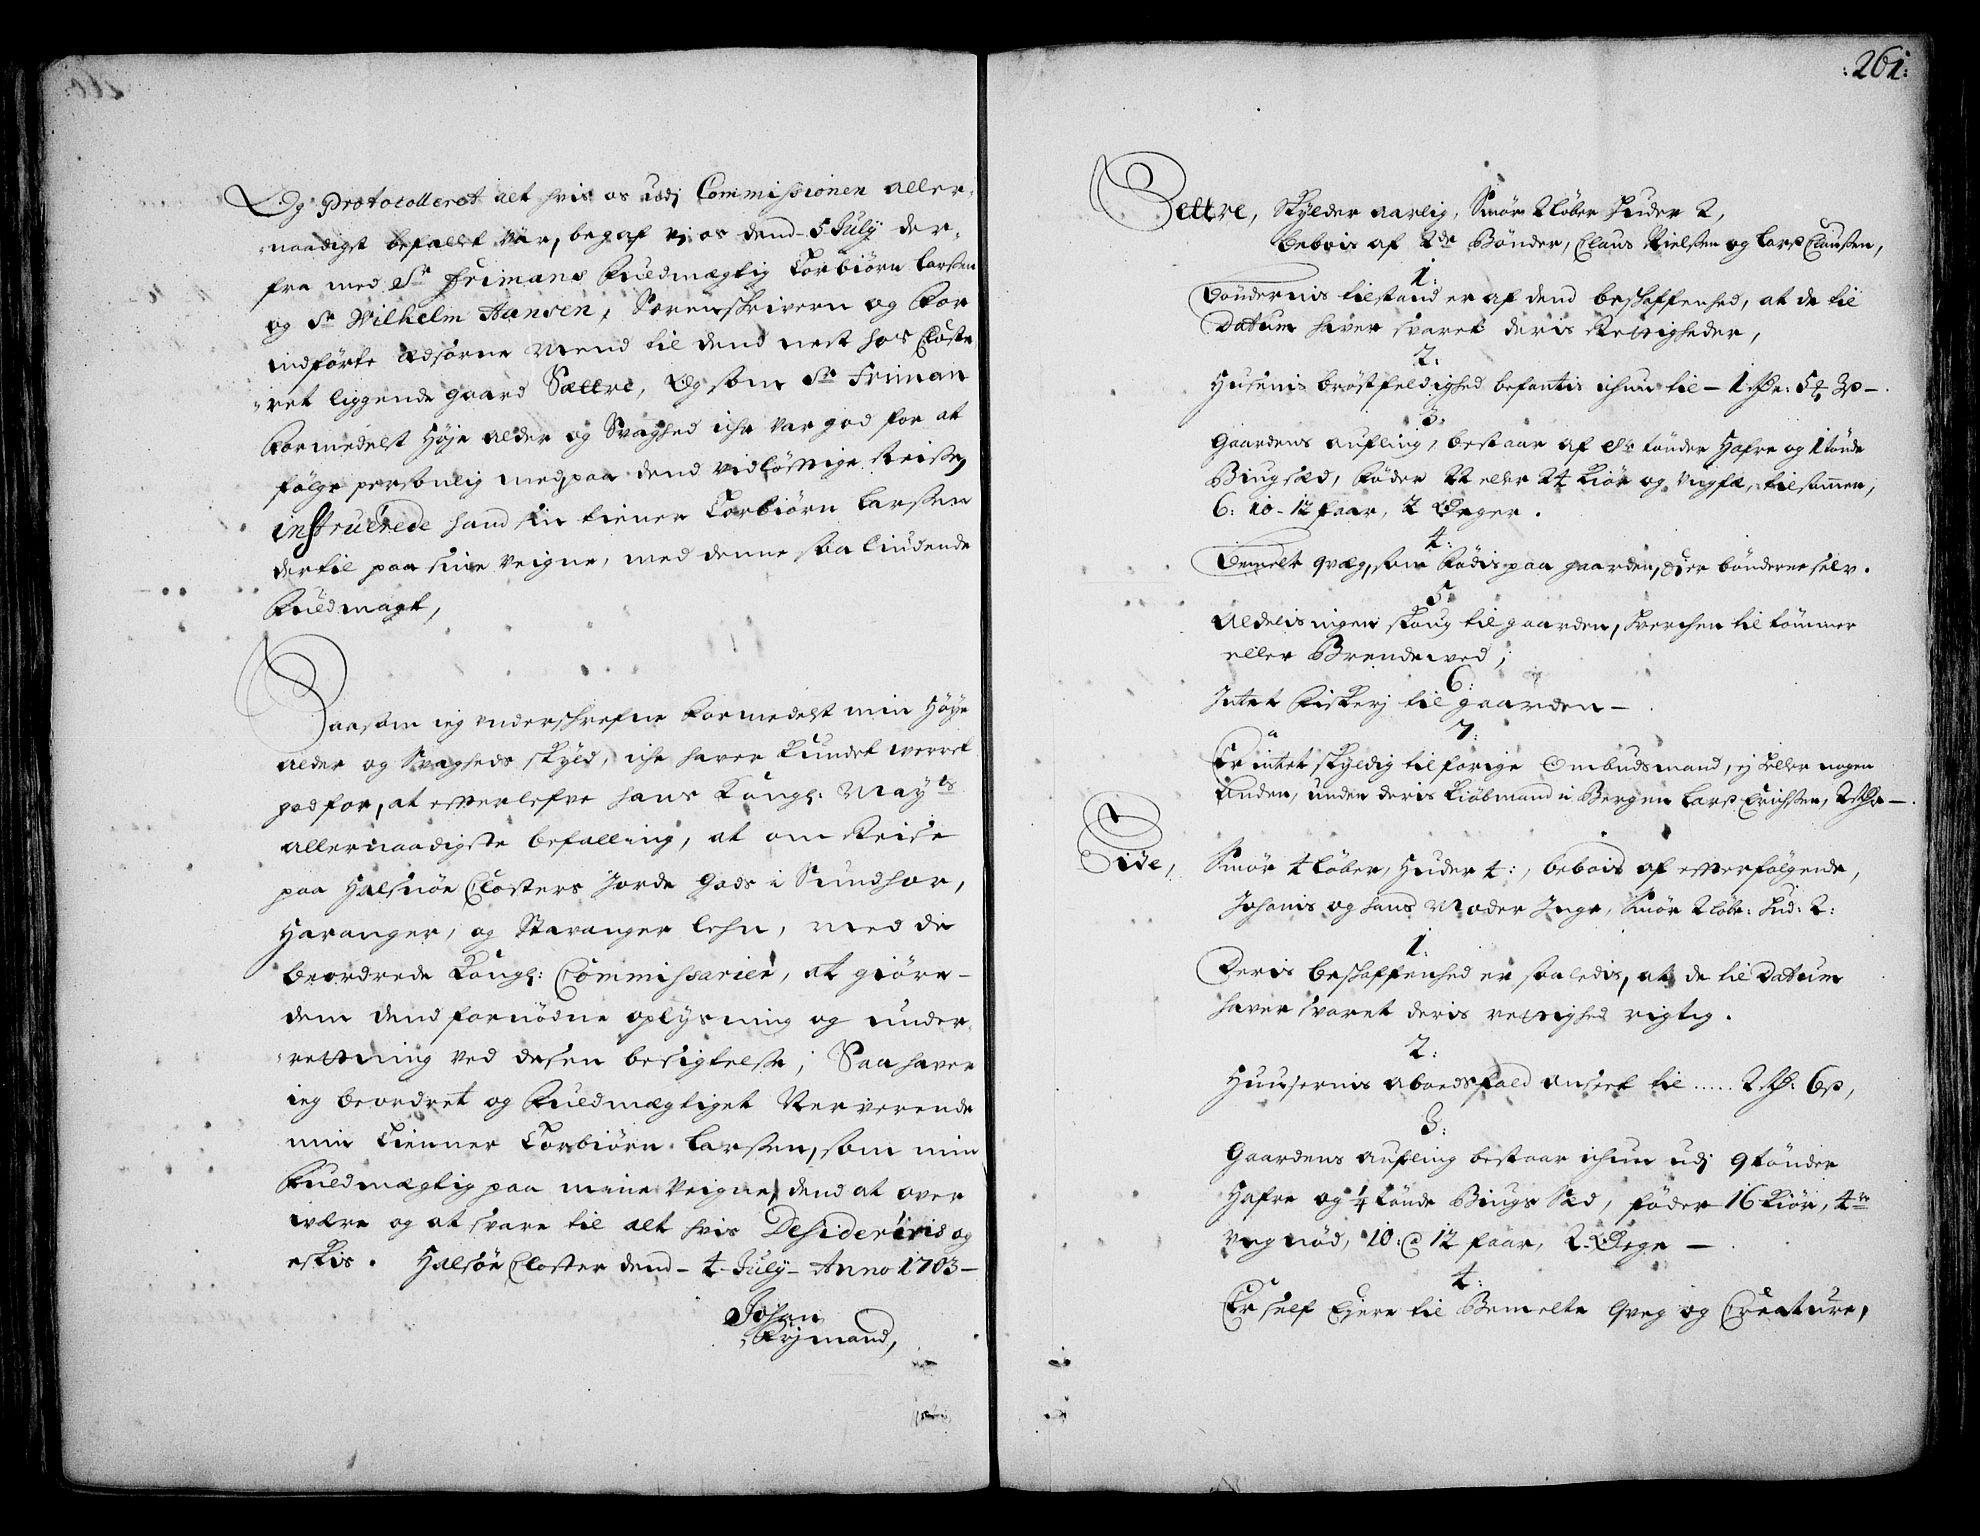 RA, Rentekammeret inntil 1814, Realistisk ordnet avdeling, On/L0002: [Jj 3]: Besiktigelsesforretninger over Halsnøy klosters gods, 1659-1703, s. 260b-261a